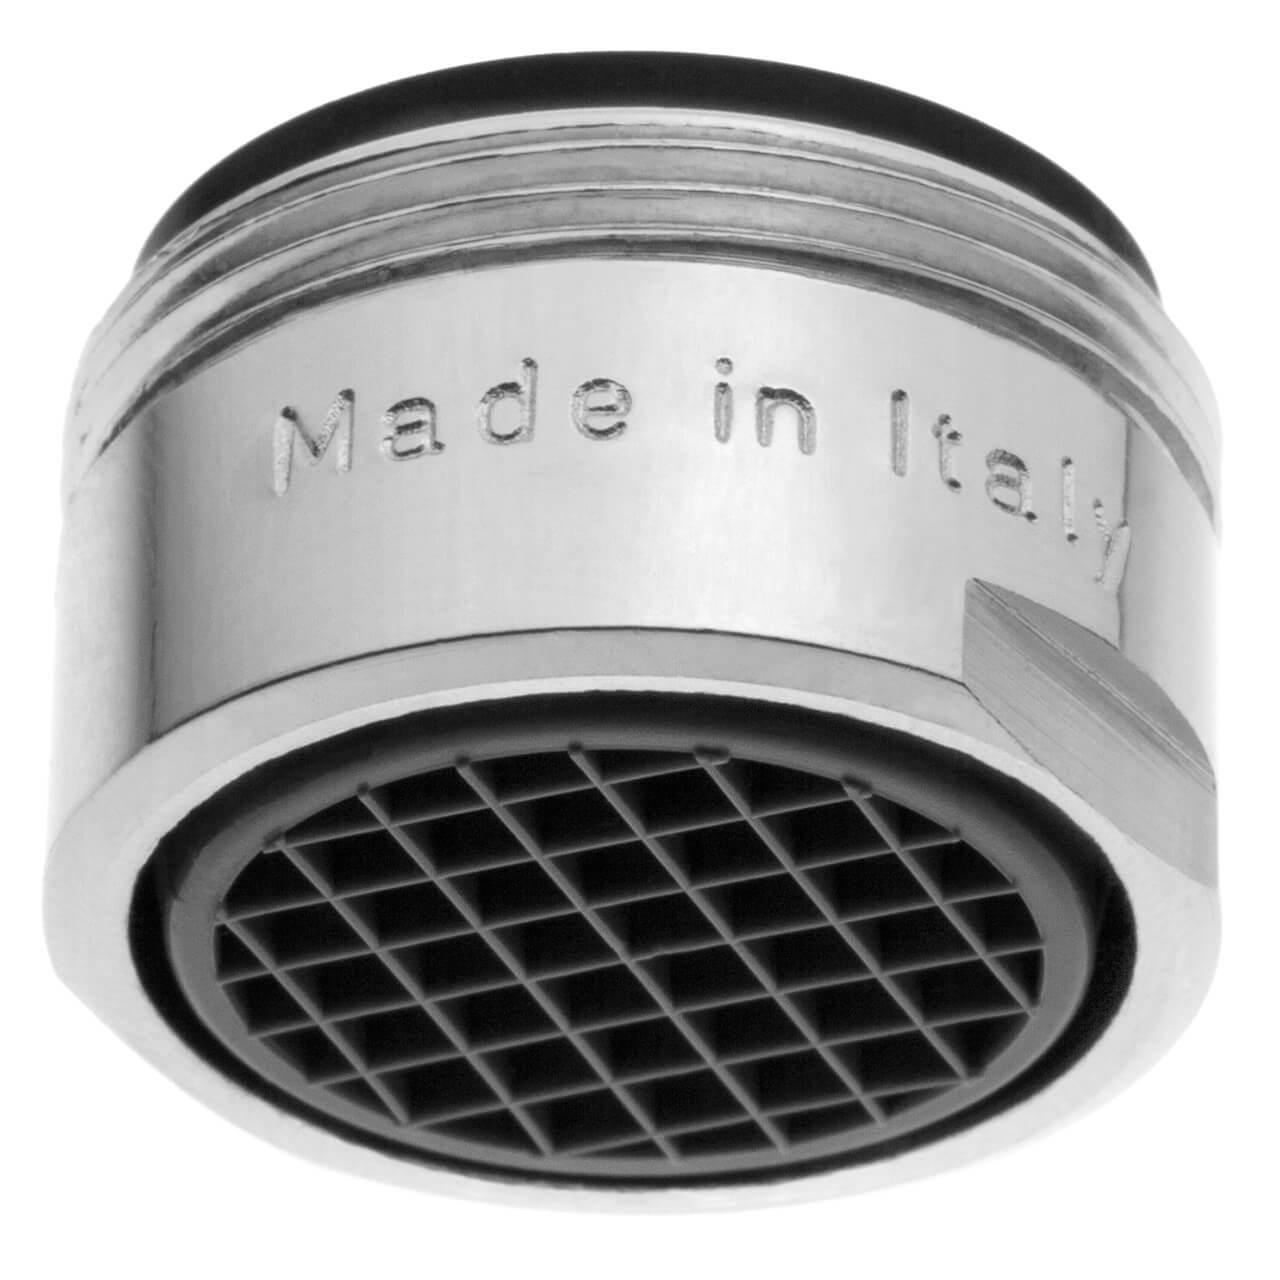 Aireador de ahorro de agua Terla FreeLime 1.7 l/min - Rosca M24x1 externa - más popular